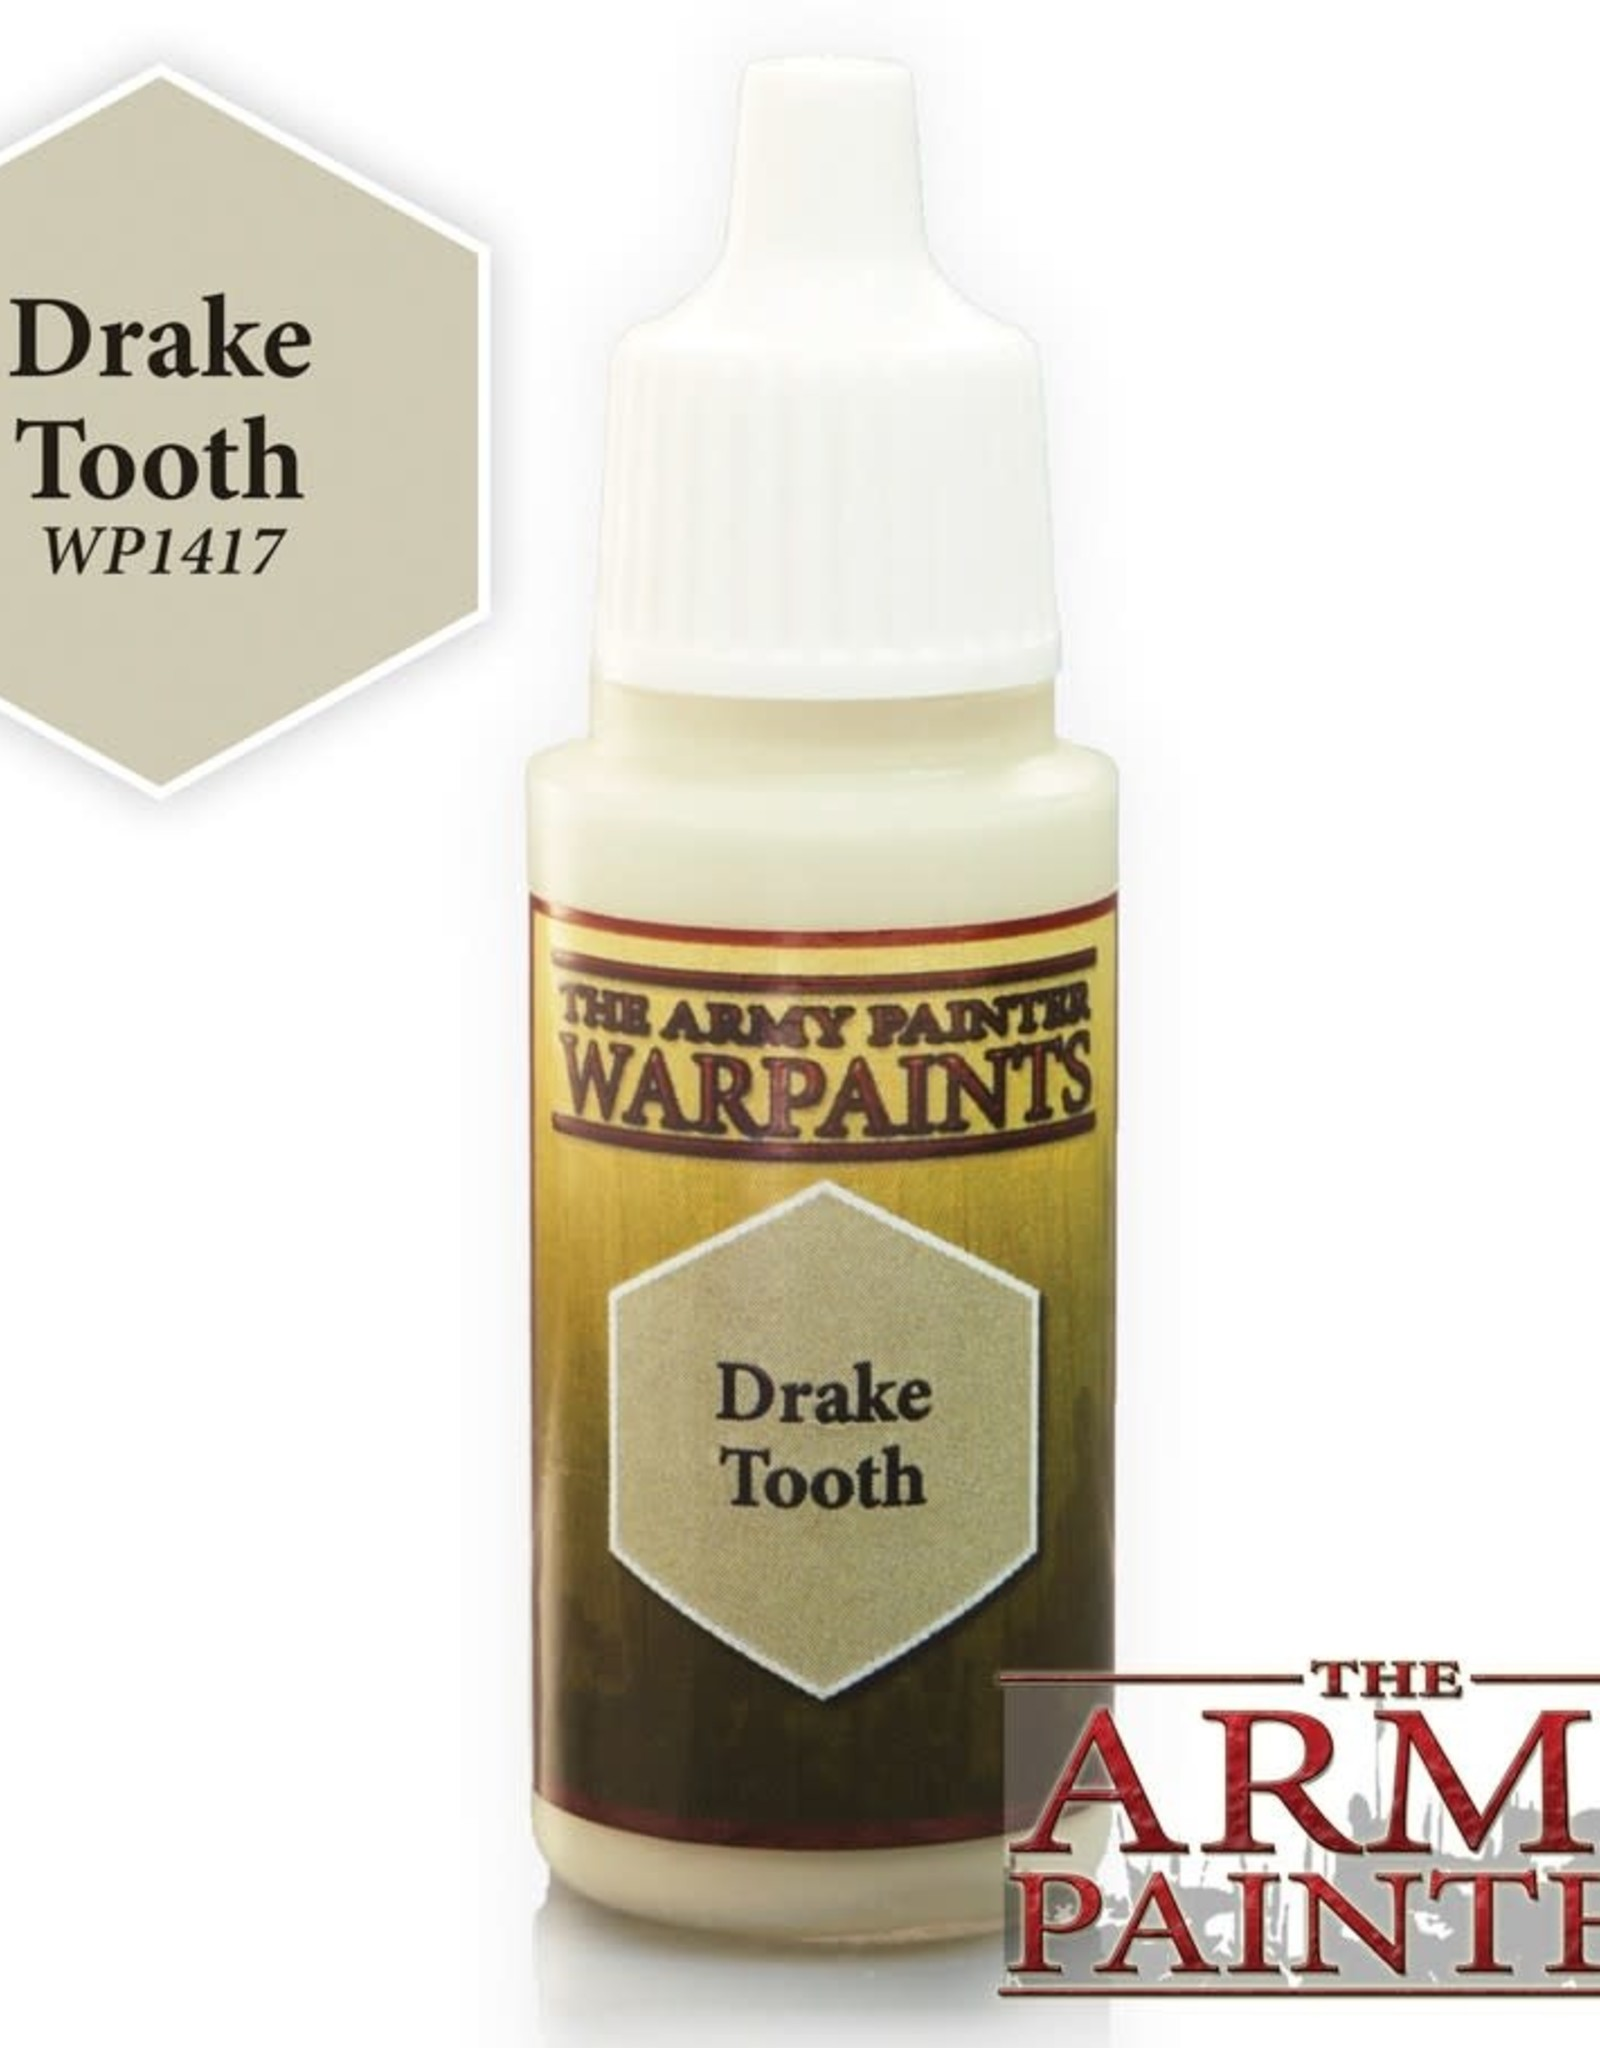 Warpaints: Drake tooth